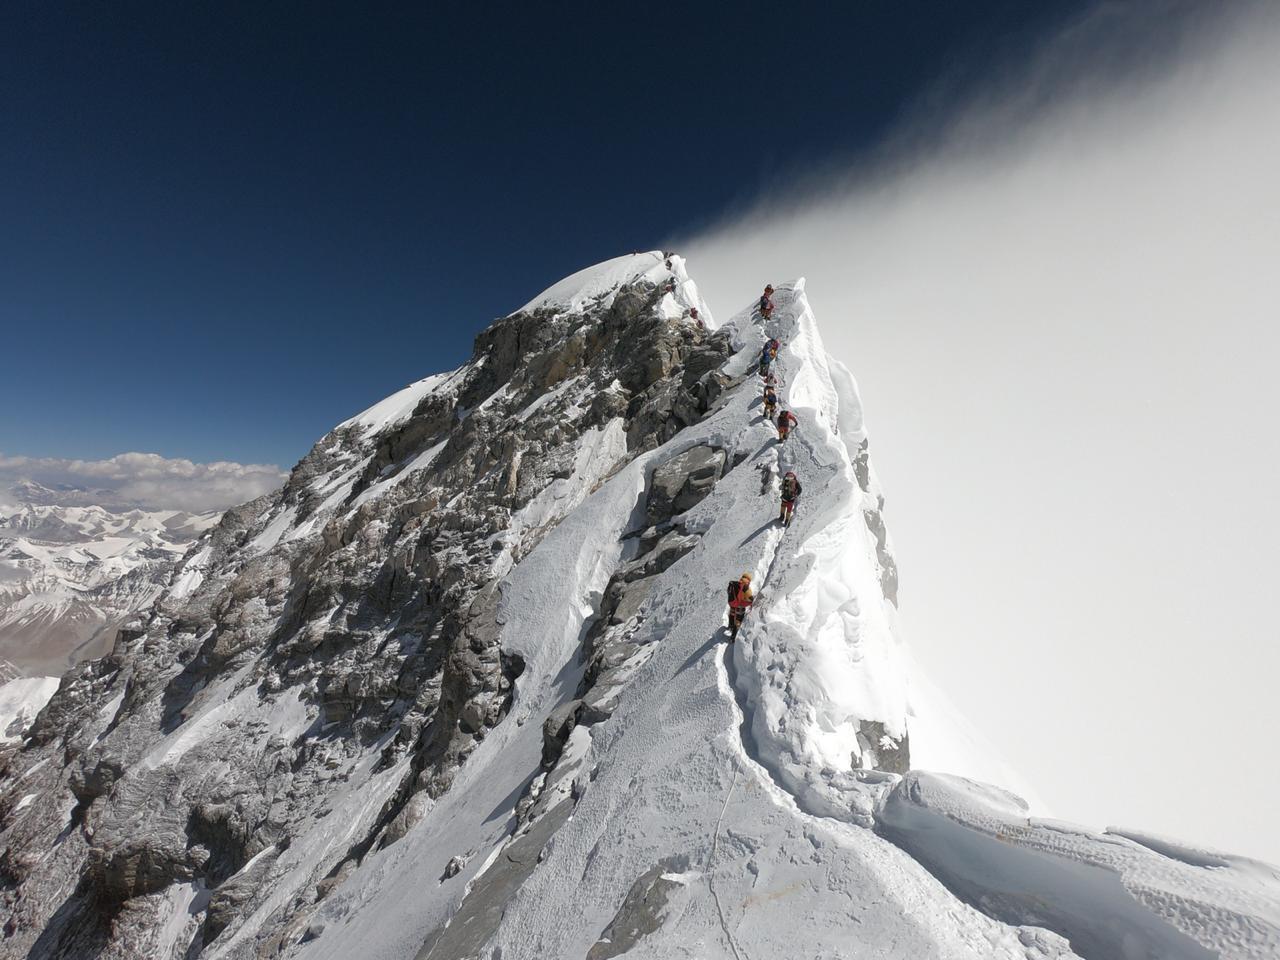 Foto tomada por el montañita Juan Pablo Mohr durante su escalada a la cima del Everest, mayo 2019.